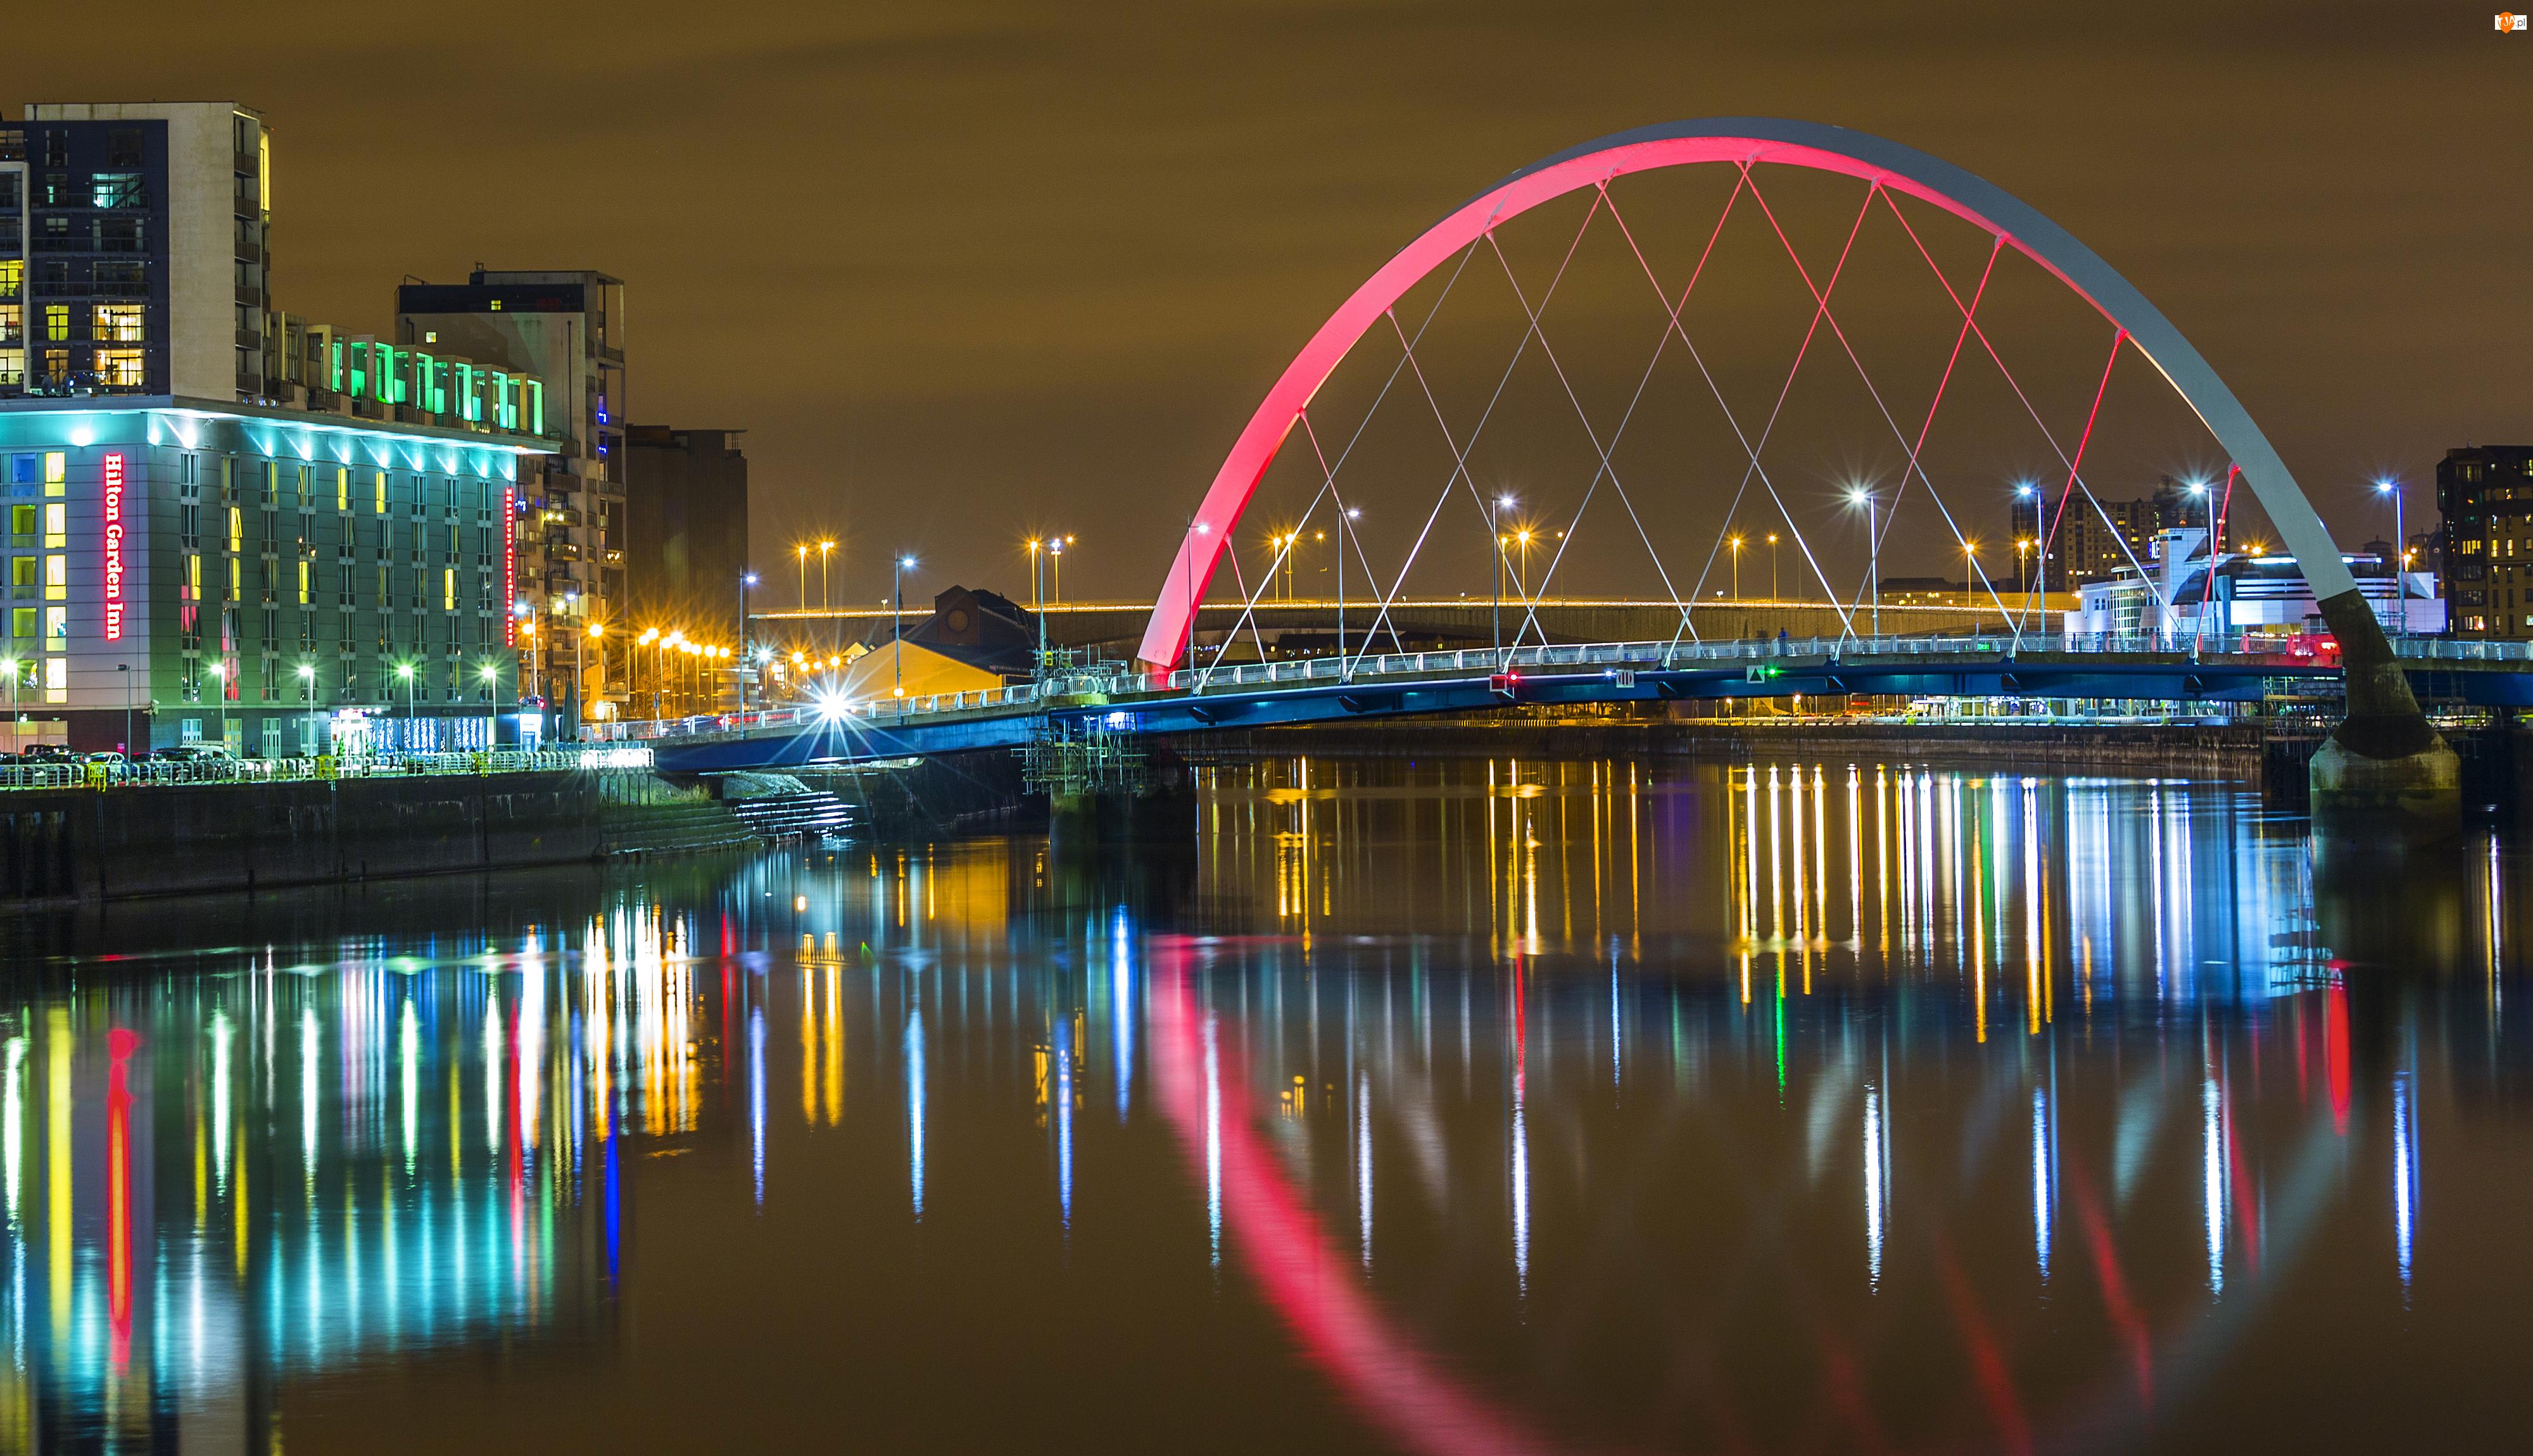 Dom, Rzeka, Wielka Brytania , Glasgow , Szkocja, Most, Noc